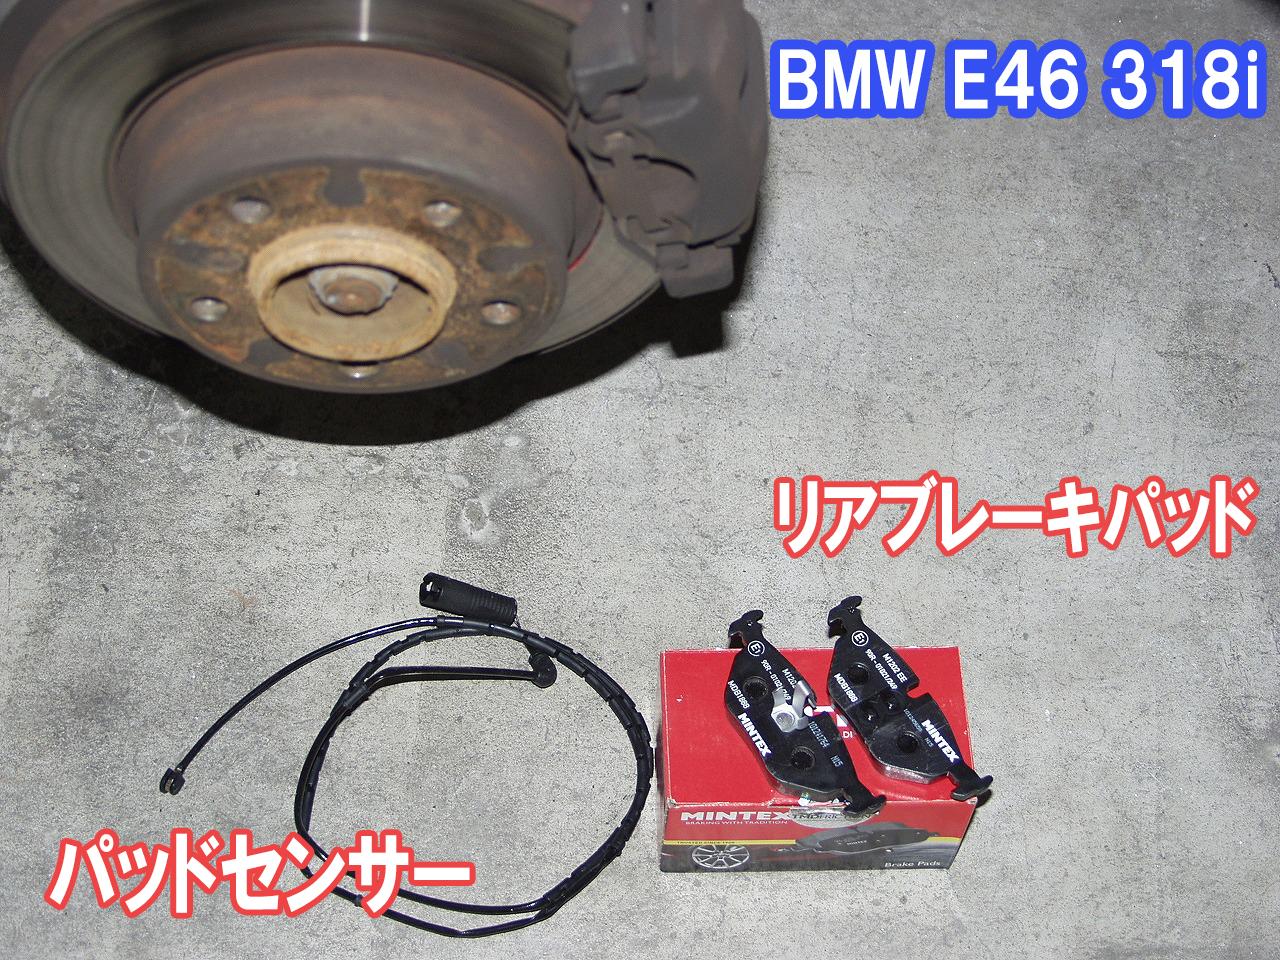 BMW E46 ブレーキパッド交換は社外部品がお得です。